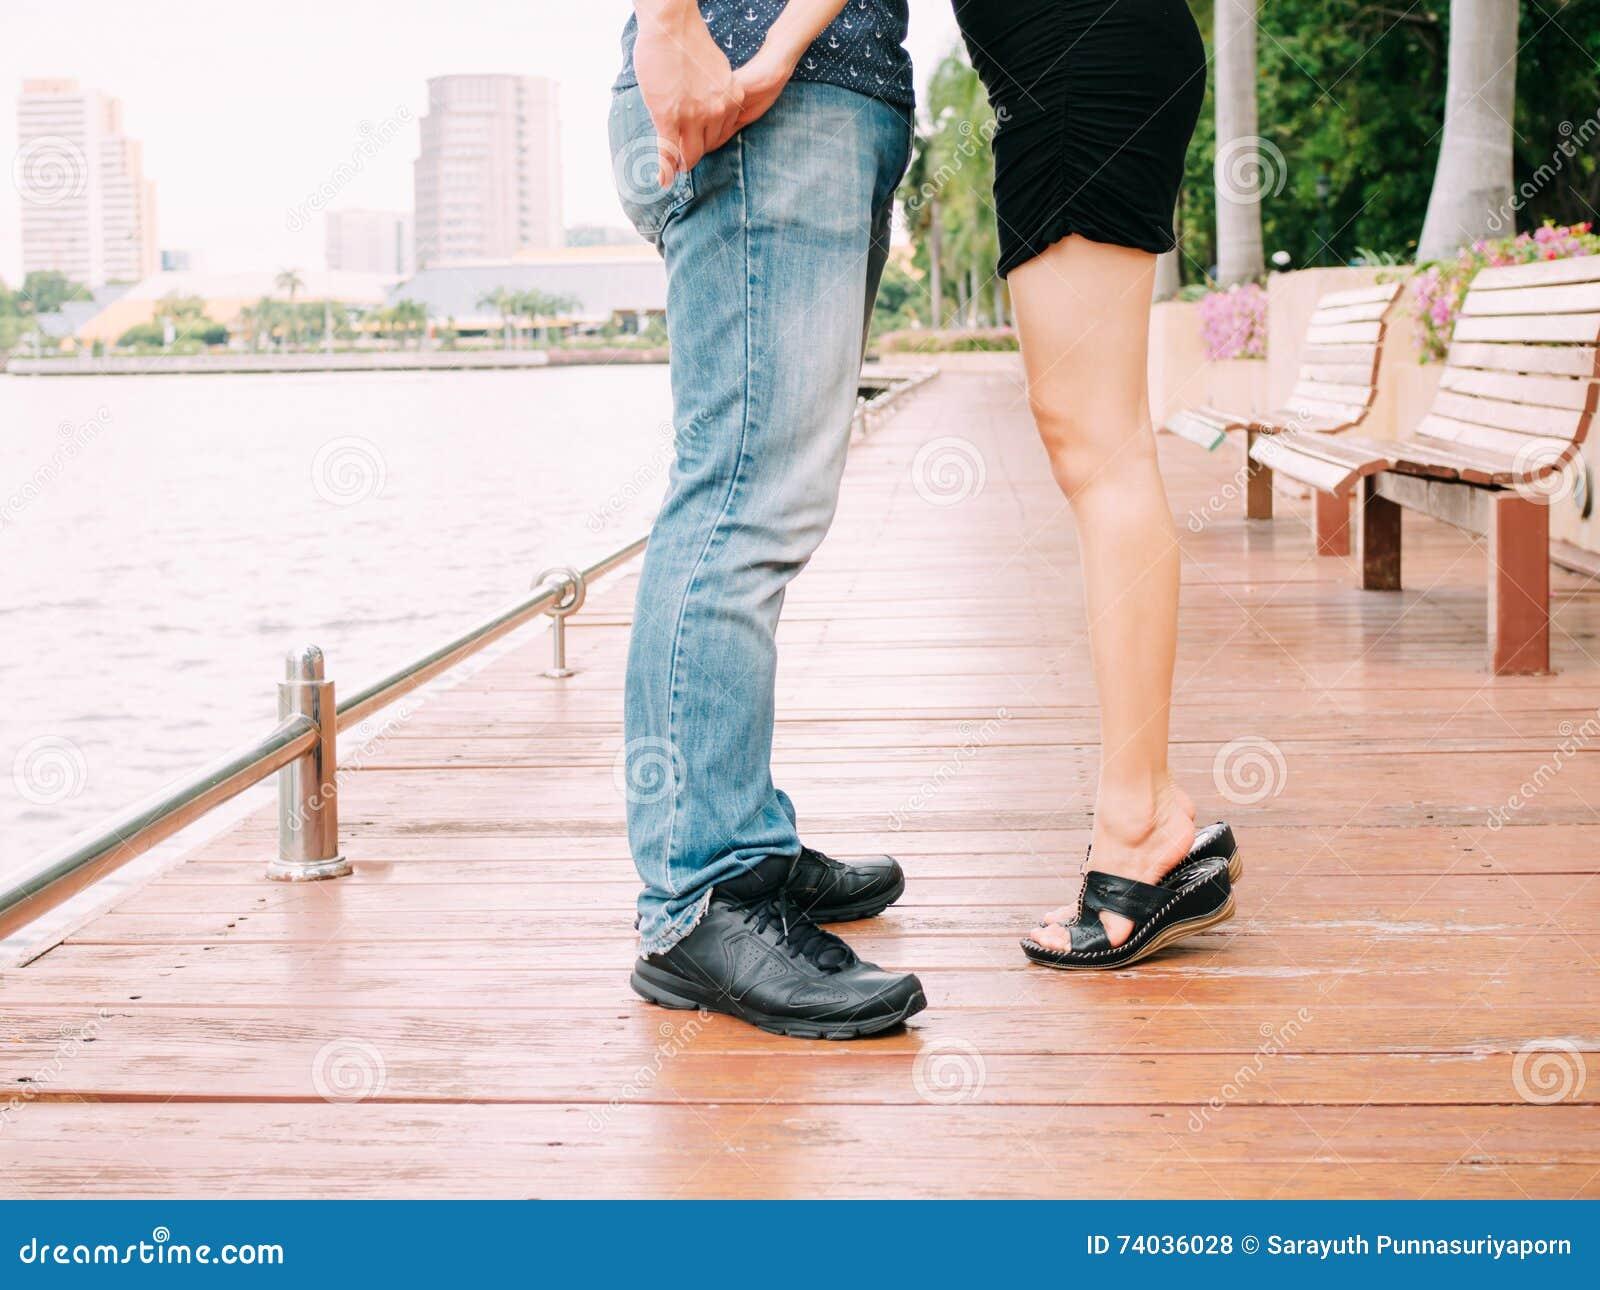 скачать фотки целовать женские ноги